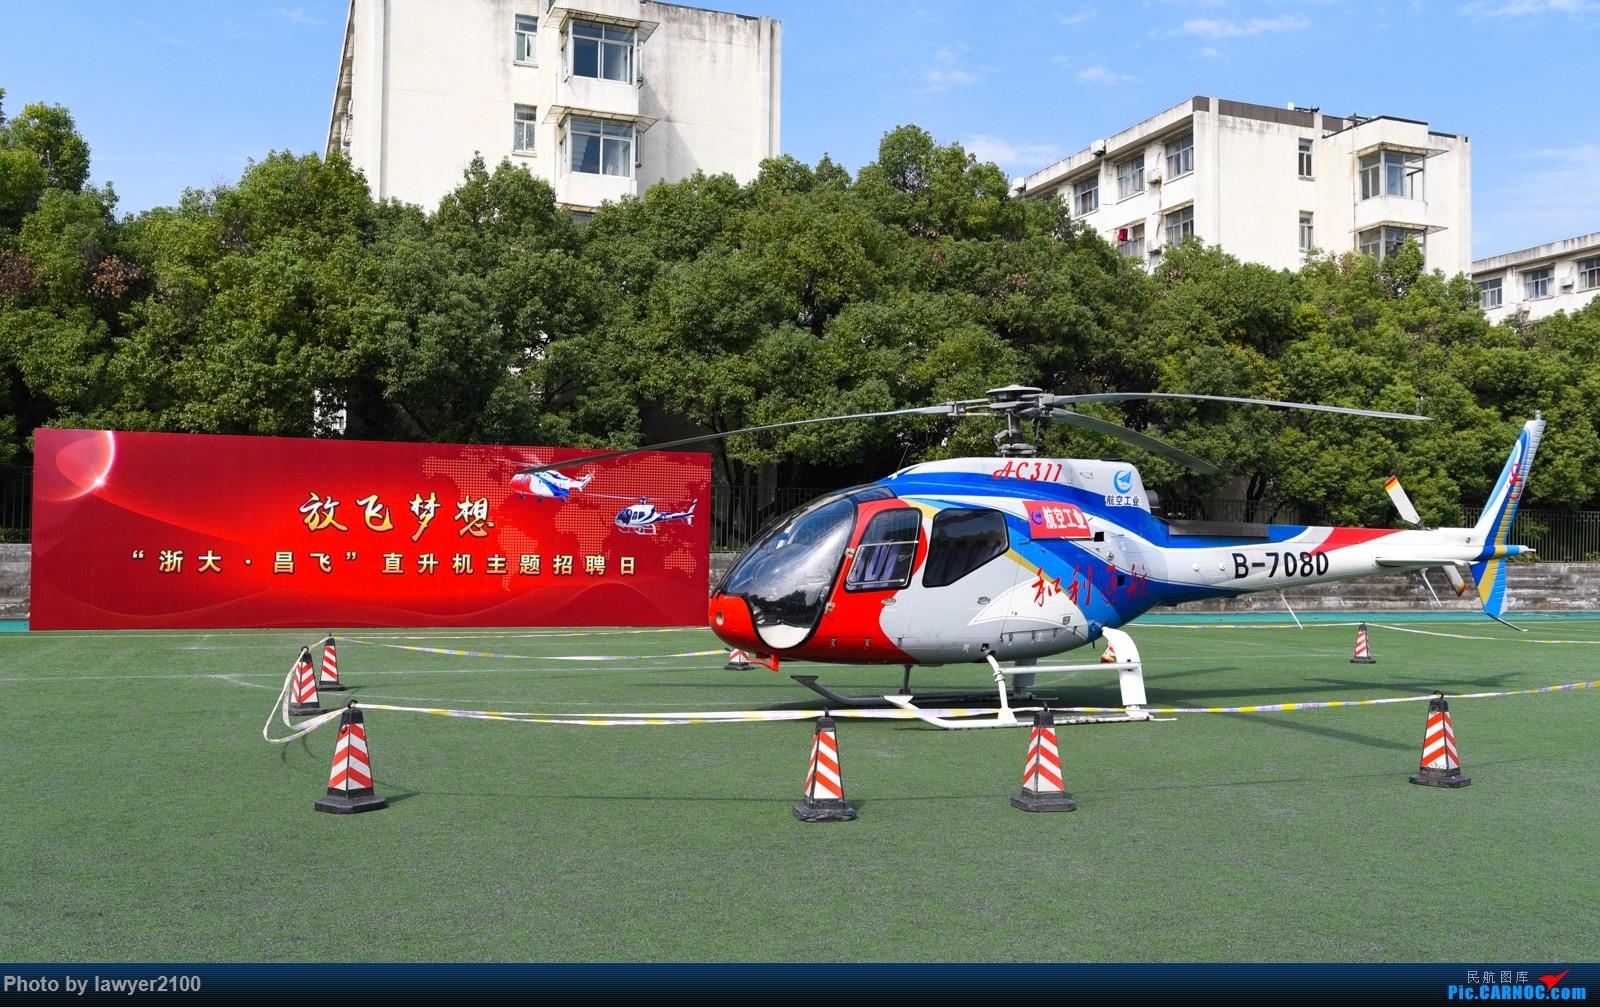 放飞梦想浙大昌飞直升机主题招聘日拍摄 以下信息来源于中国航空工业昌河飞机工业有限责任公司官网(http://www.changhe.com/index.php?g=portal&m=product&a=index&type=mj) AC311直升机简介 AC311直升机是一款2吨级单发单旋翼、带尾桨式多用途民用直升机,该机采用高橇式起落架,装有一台美国Honeywell公司LTS101-700D-2低油耗发动机,配置高度集成化综合航空电子系统,可供多种选择的精致内饰和座椅,整机大量使用复合材料。采